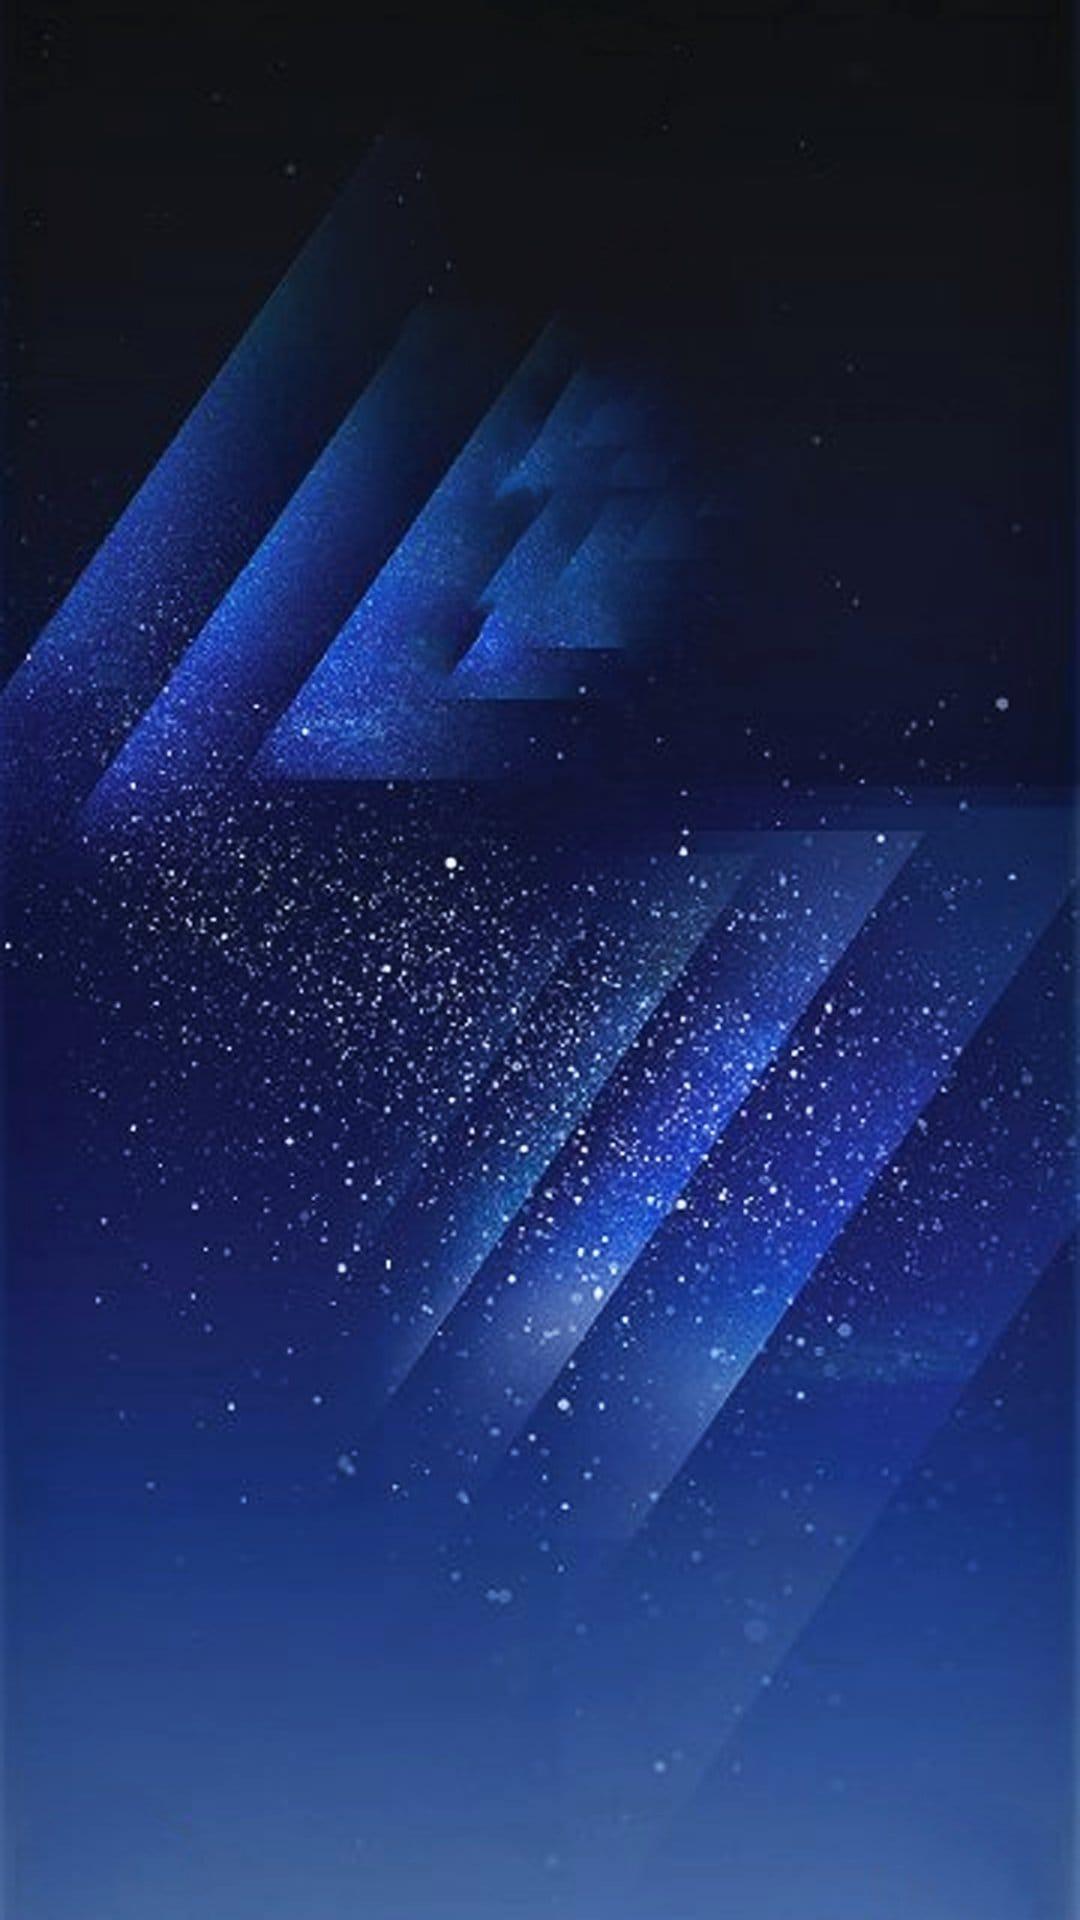 Картинки на телефон на заставку на Самсунг   сборка (7)